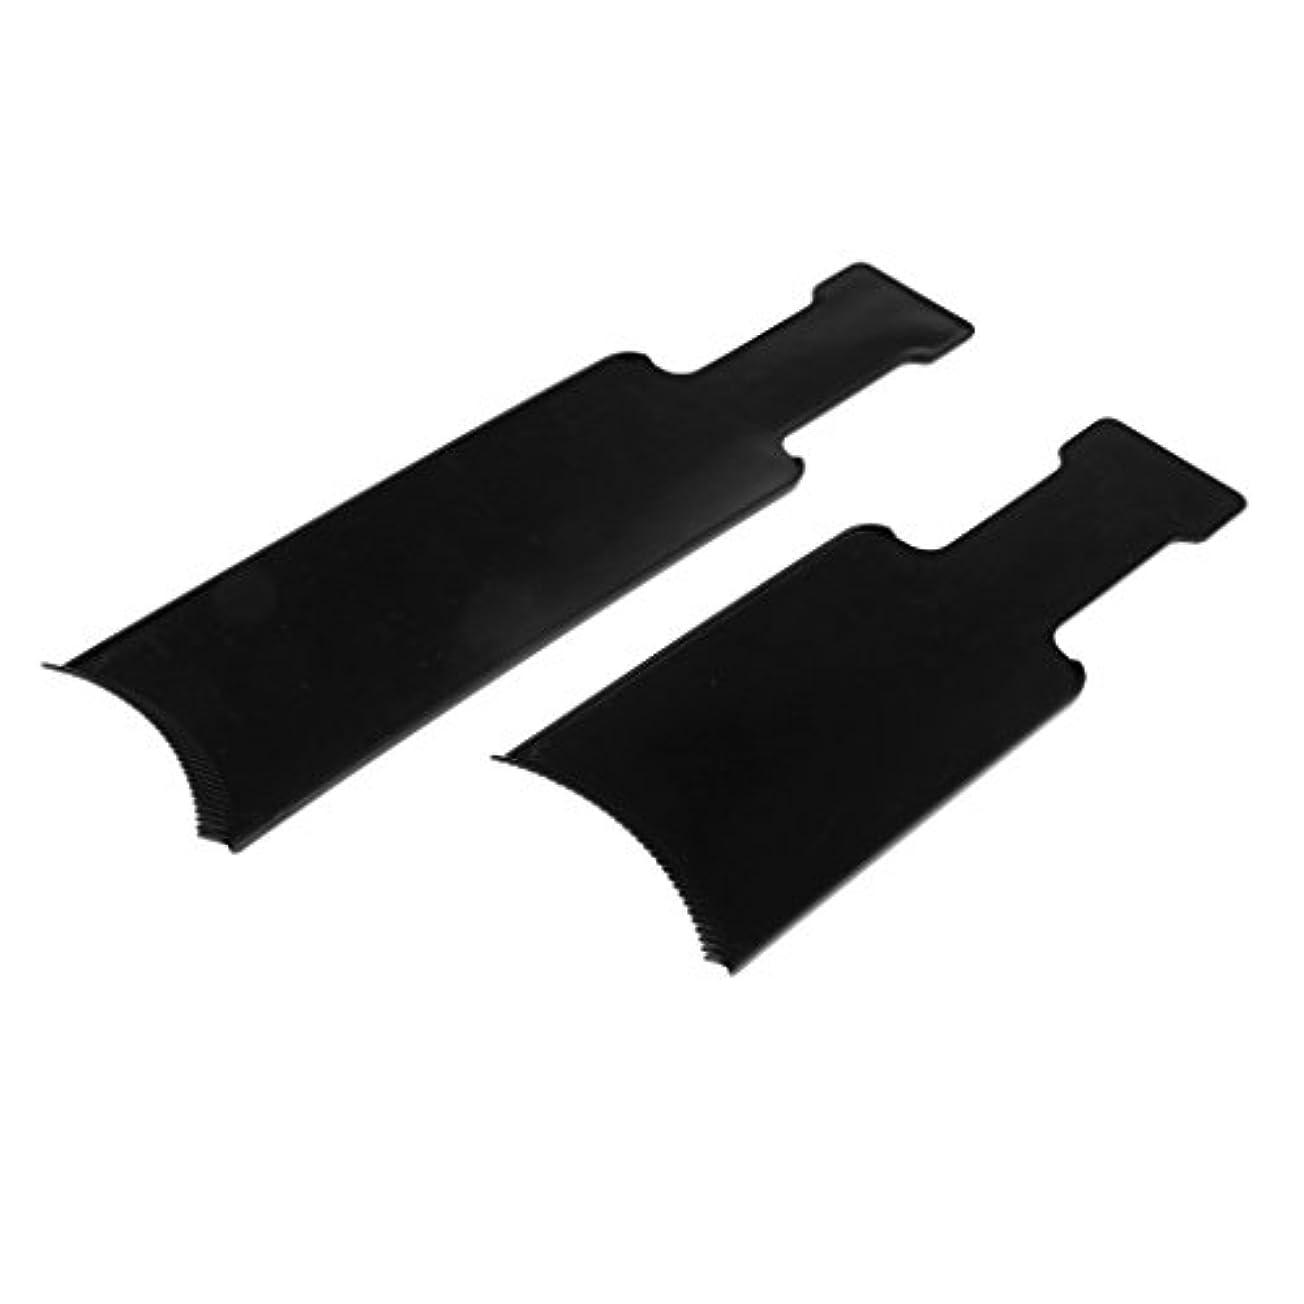 習慣現代ロードされたDYNWAVE ヘアカラーボード 染色櫛 染色プレート ヘアカラー プラスチック製 美容ツール 黒 2個入